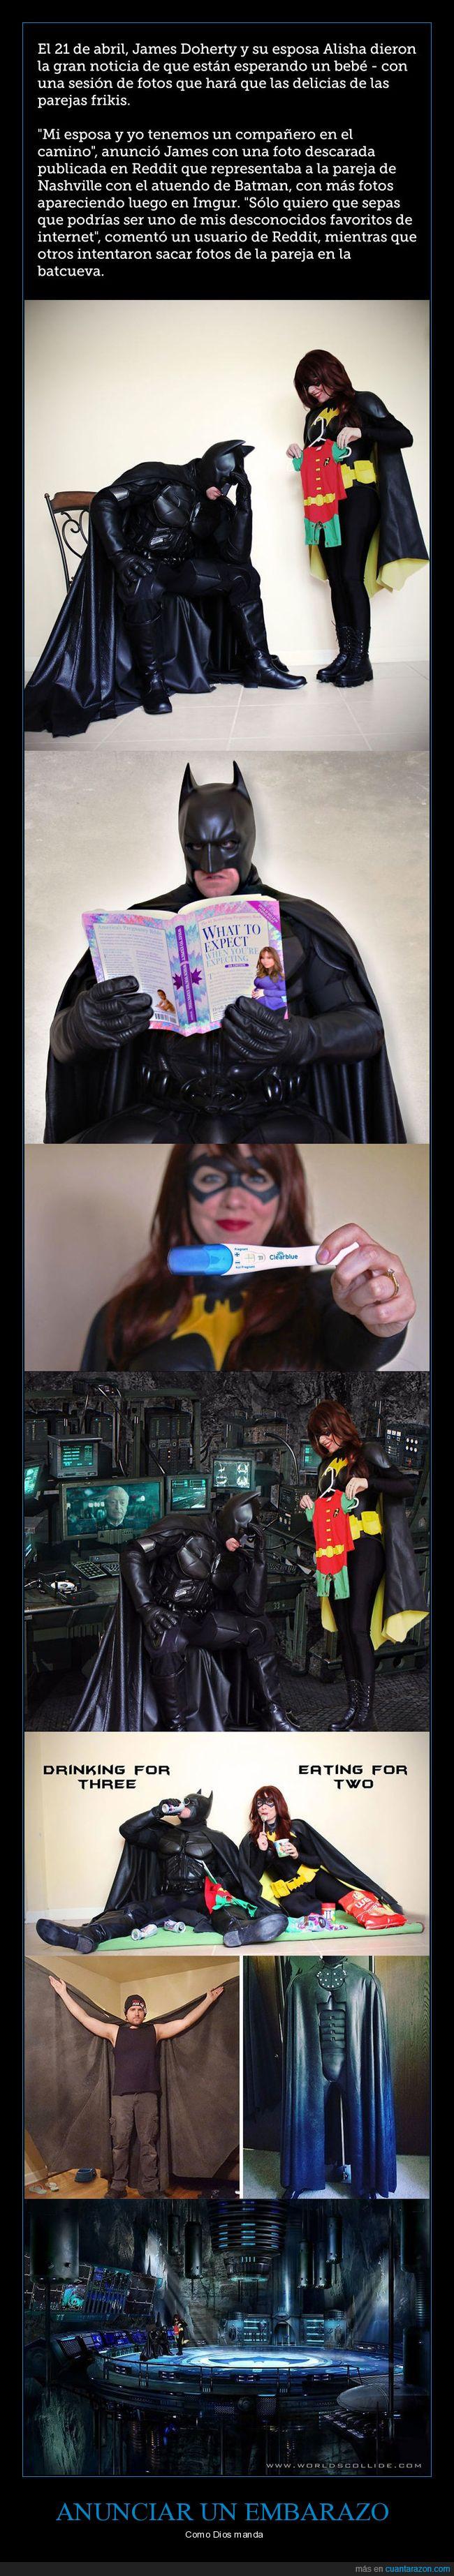 batman,bebé en camino,embarazo,superhéroes